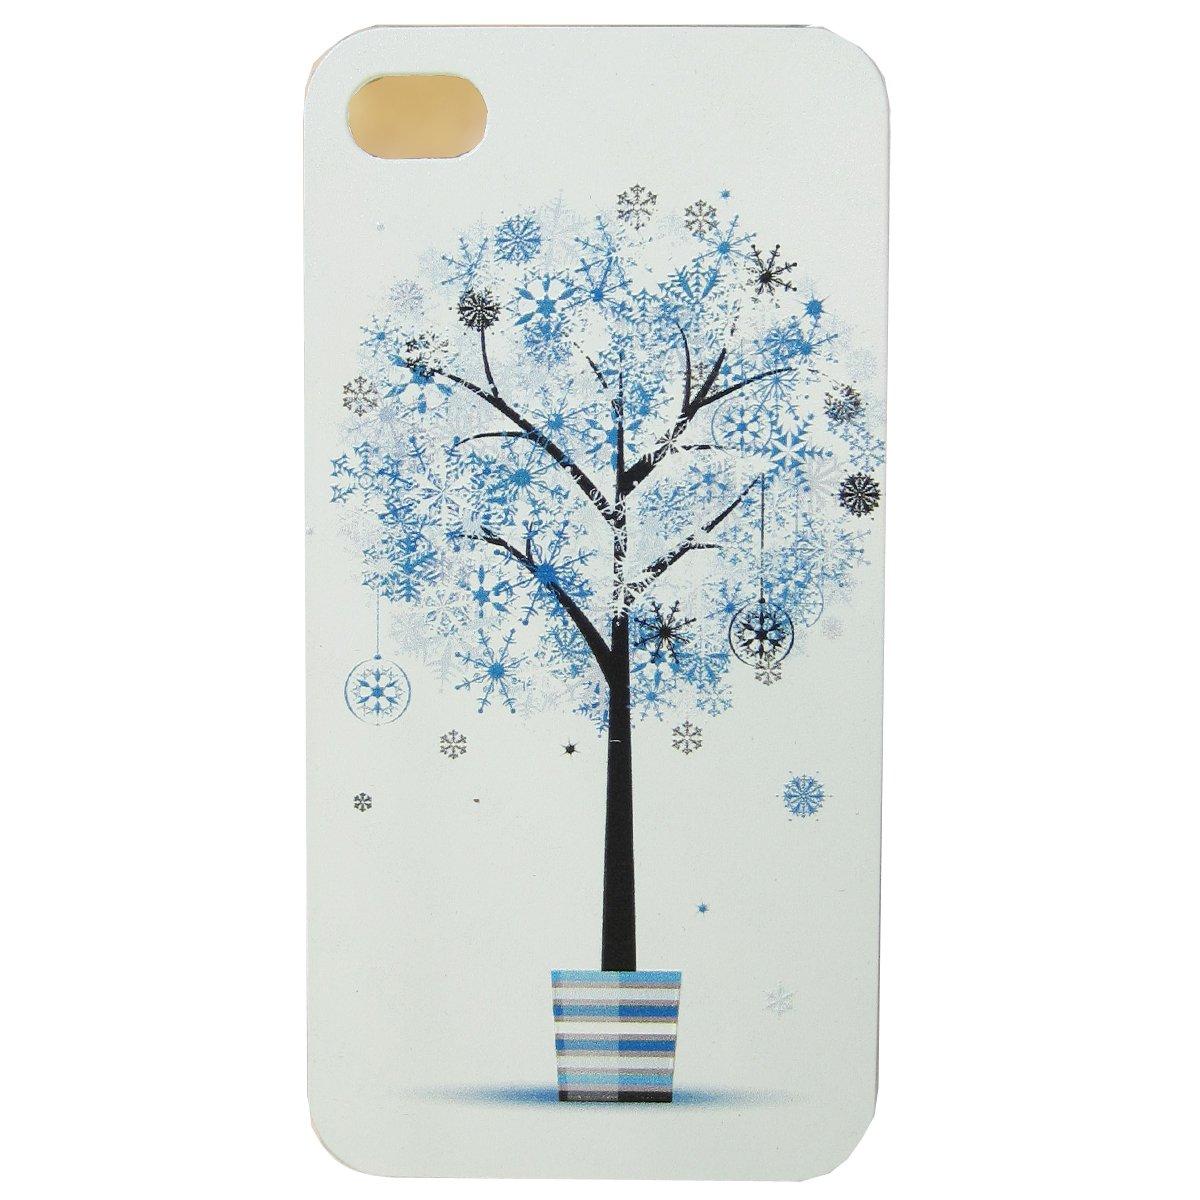 壹号坊 iphone5 浮雕彩绘精品手机壳 童话森林 dl01